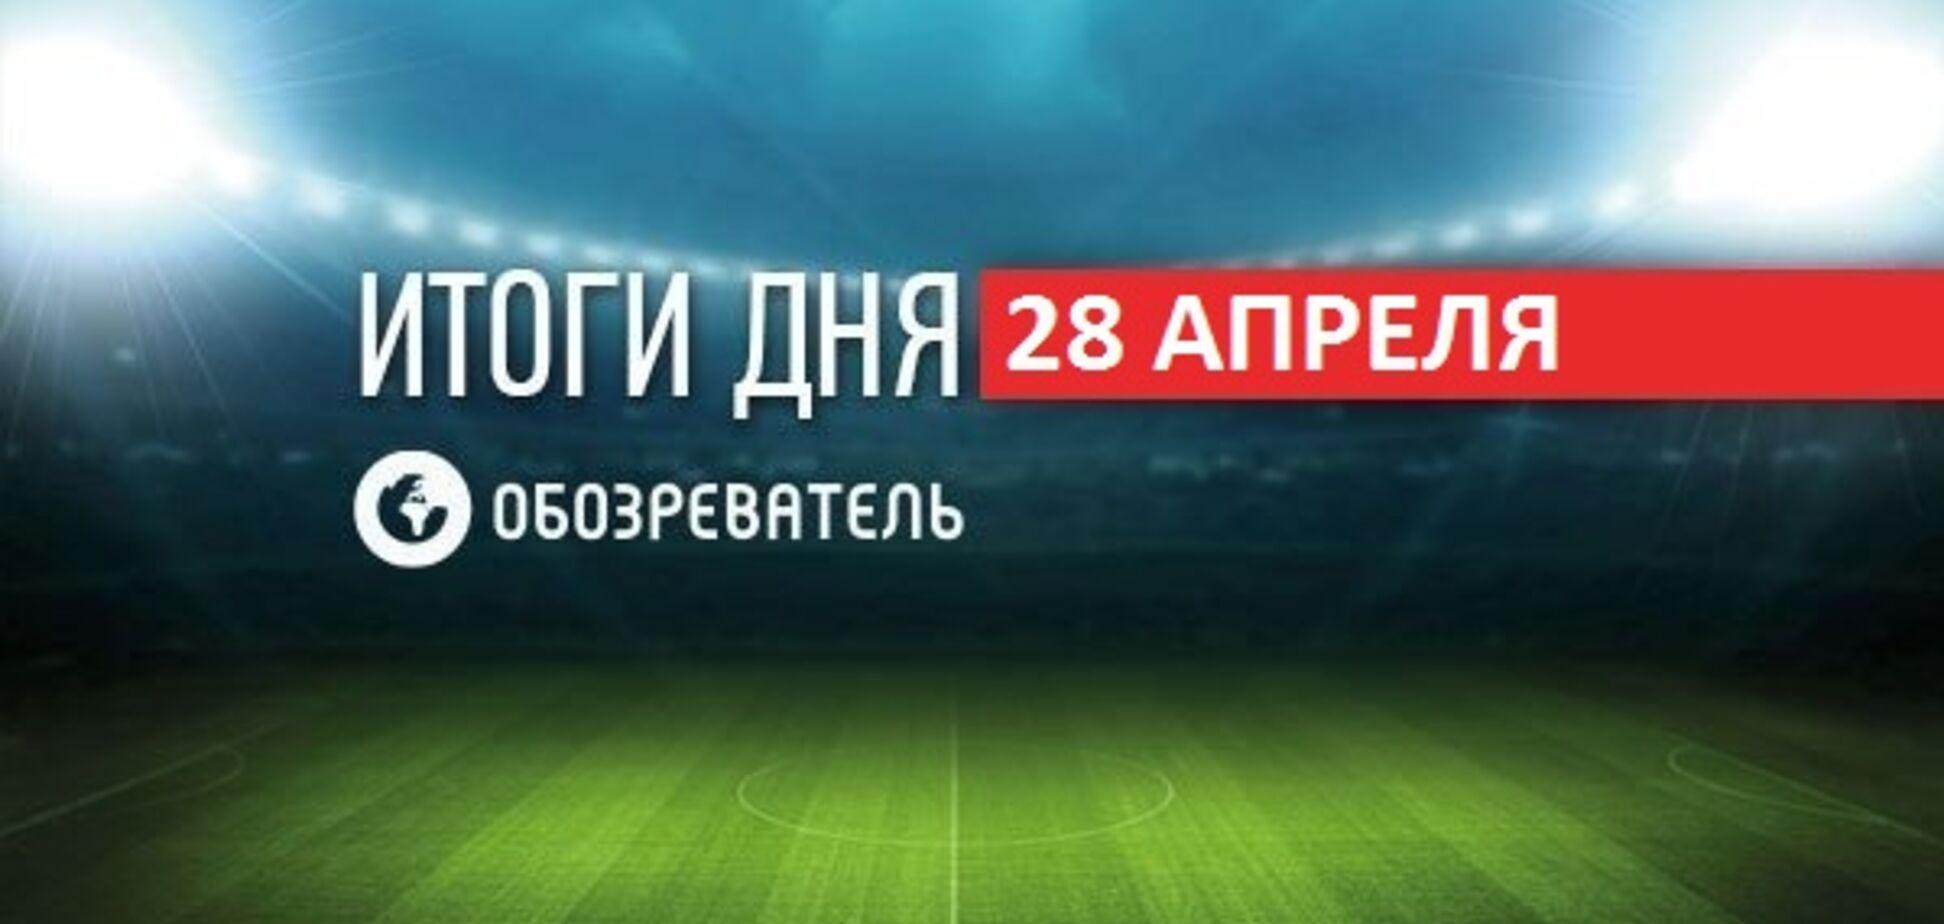 Ємельяненко викрив у брехні росТБ: спортивні підсумки 28 квітня